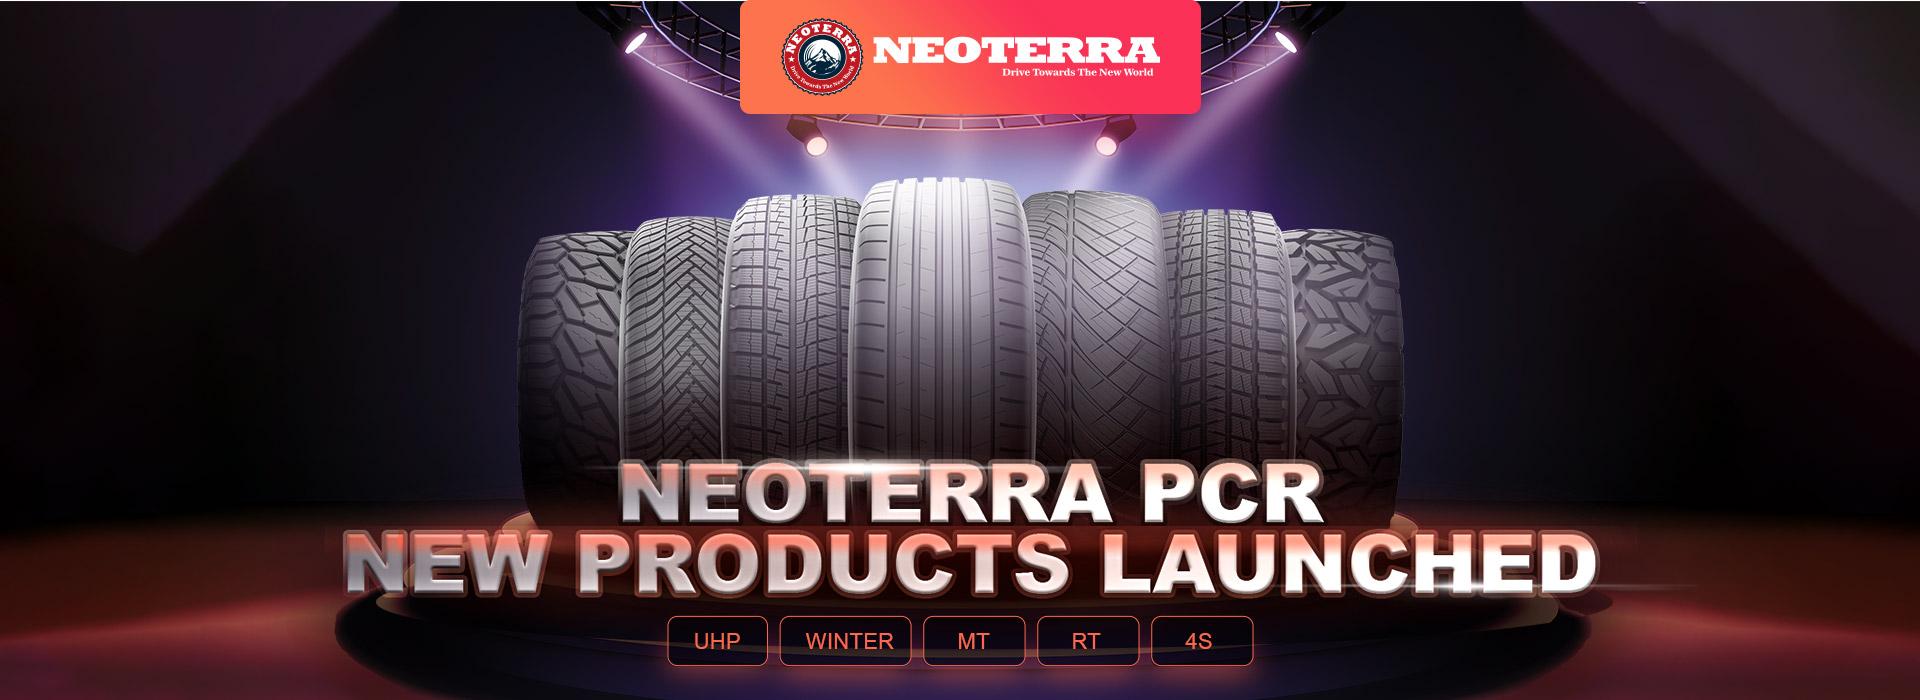 neoterra pcr